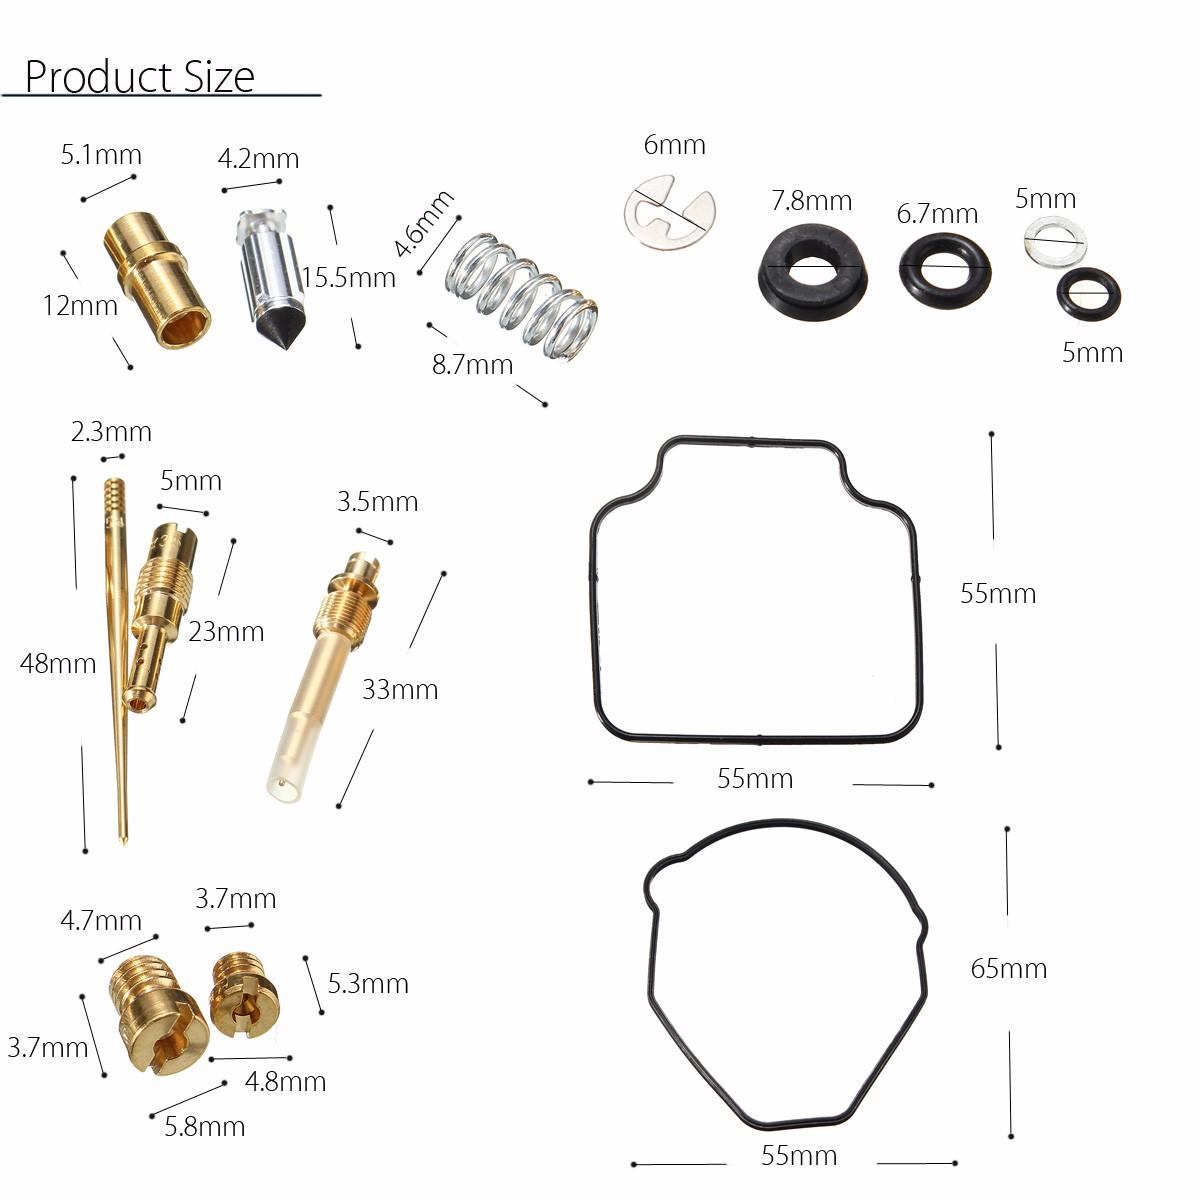 carb repair kit fourtrax carburetor rebuild tools set for